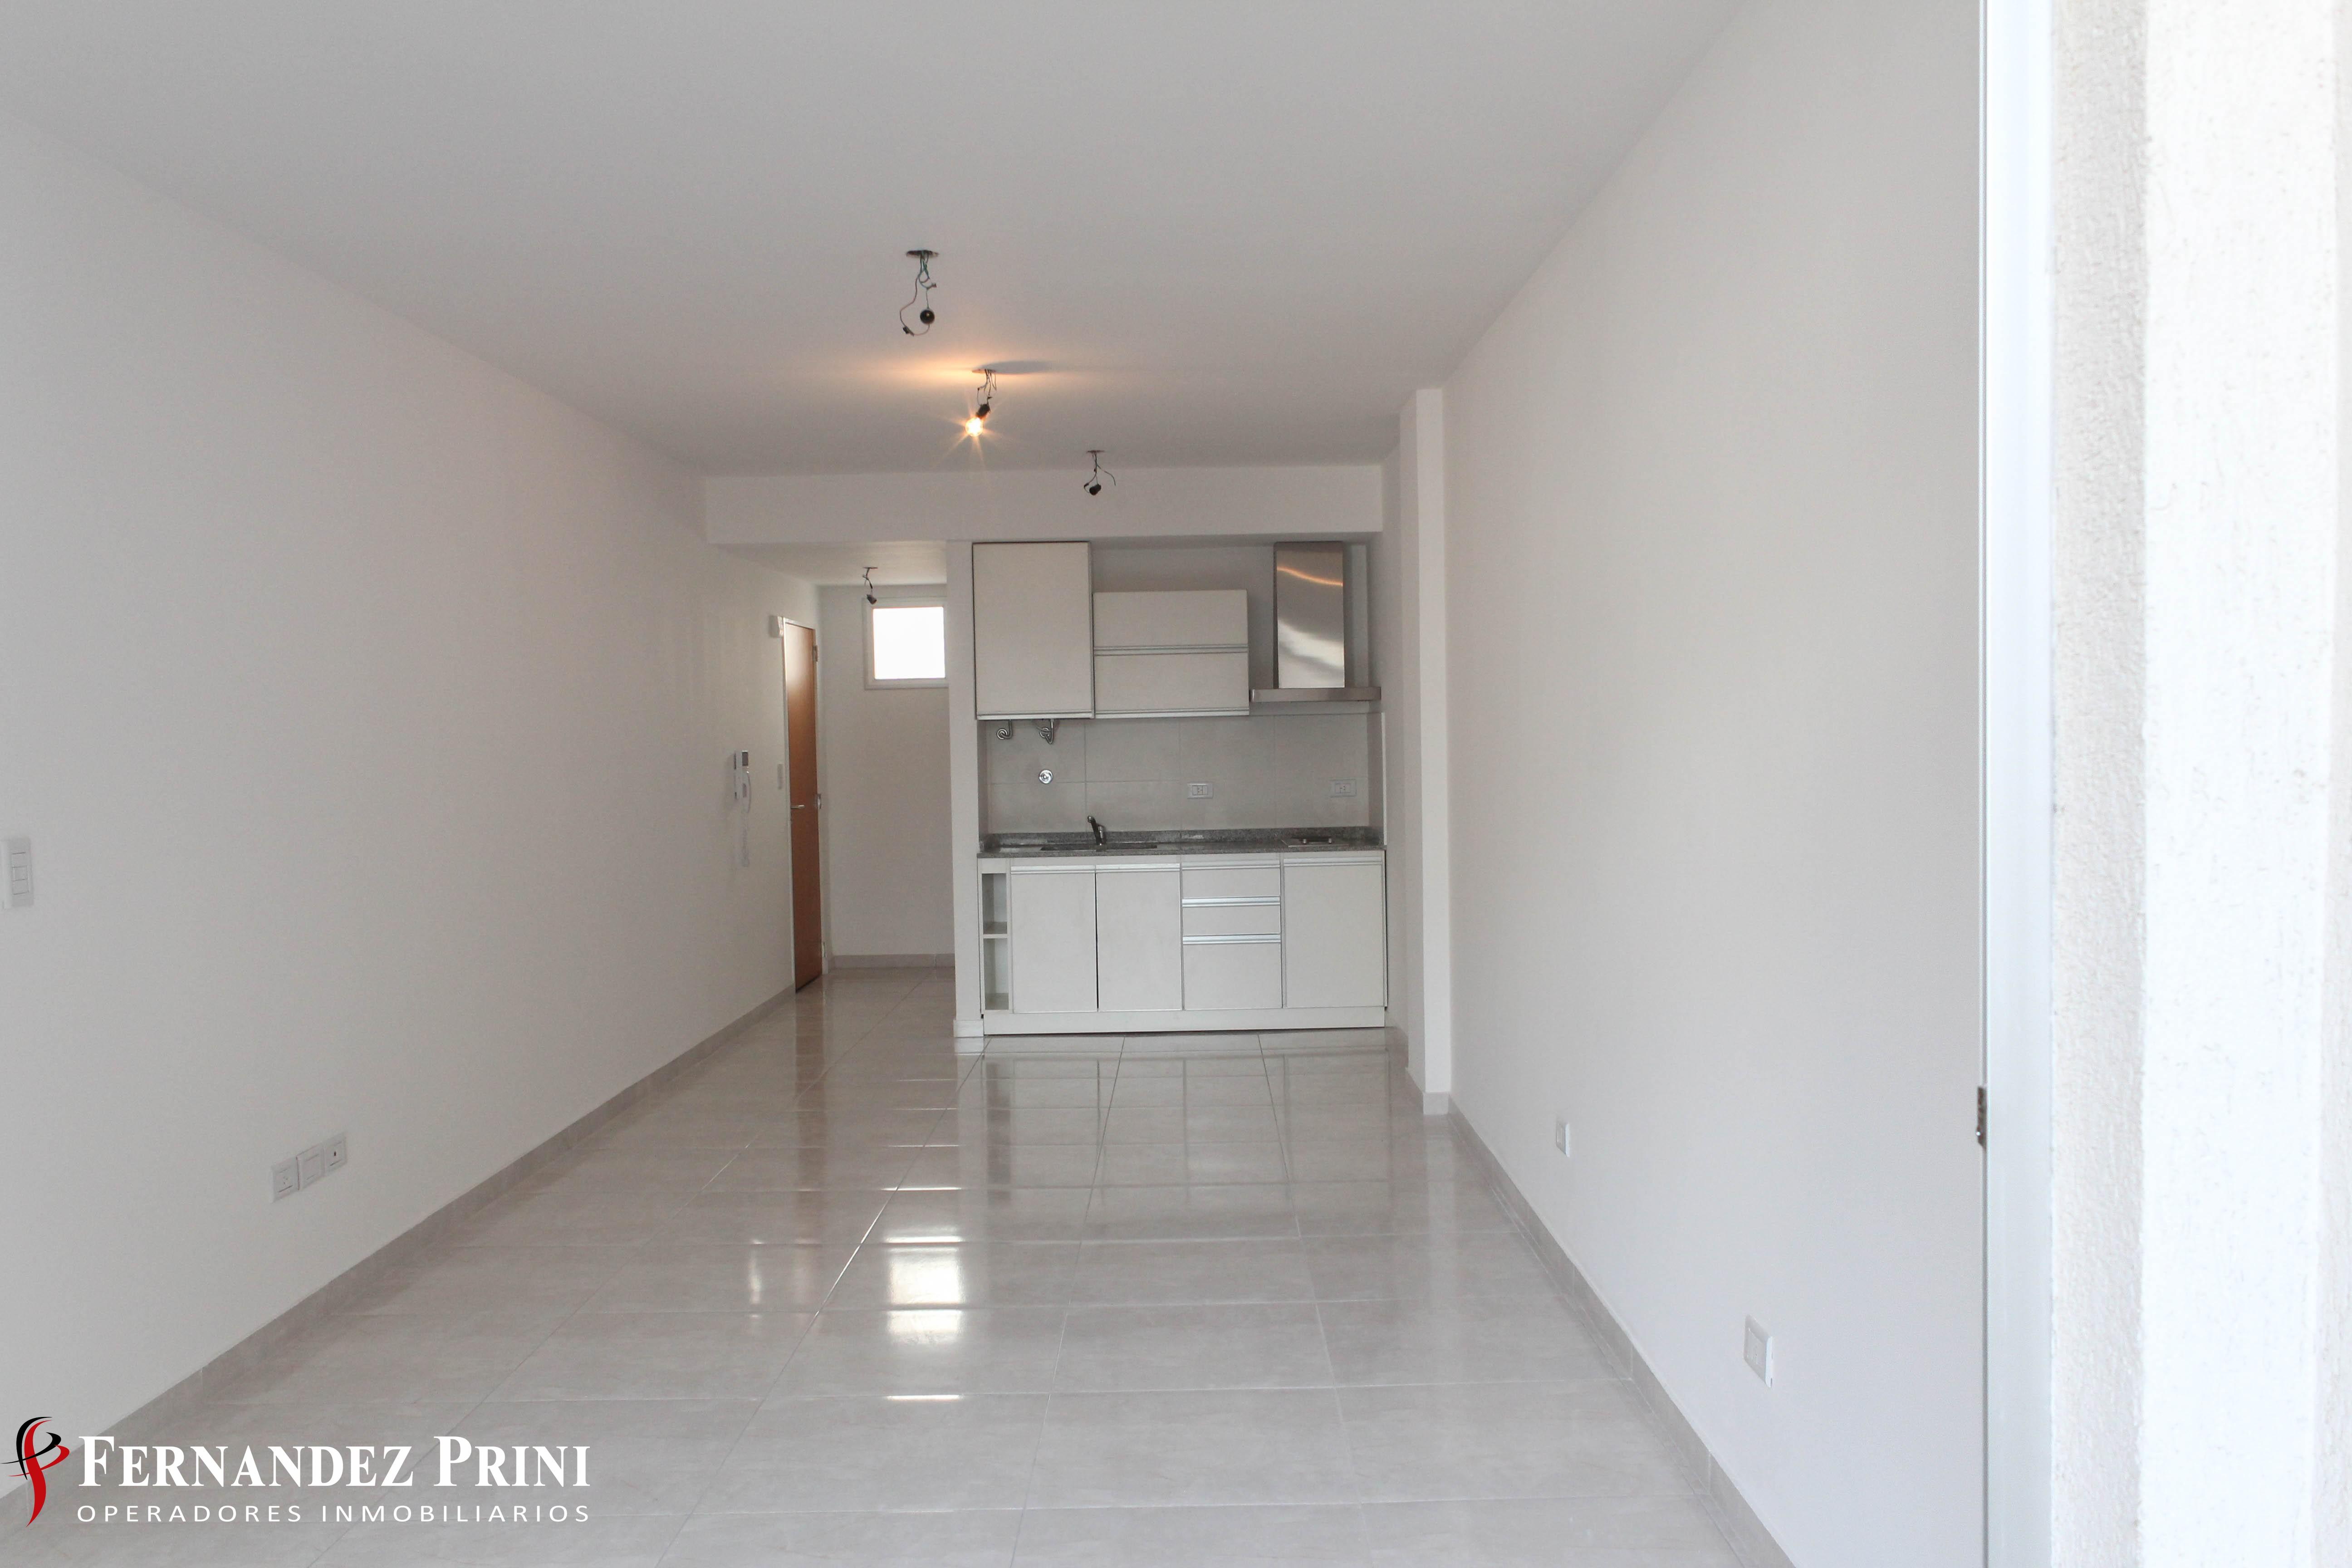 Estados Unidos 1211, Monserrat, 1 Habitación Habitaciones, 1 Room Ambientes,1 BañoBaños,Departamento,Venta,Estados Unidos 1211, Monserrat,5,1140